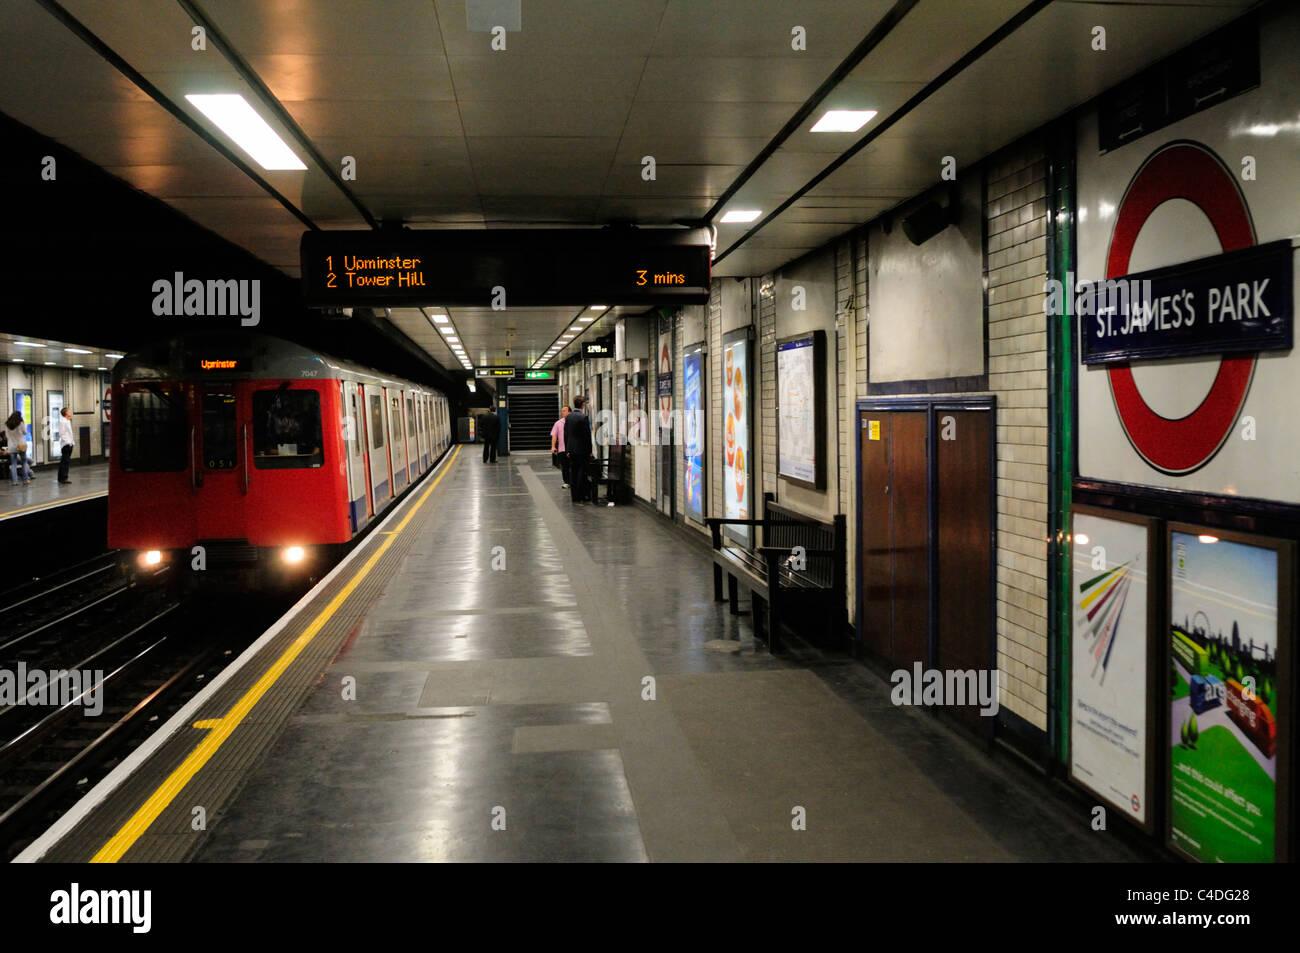 A District Line Train arriving at St James's Park ...